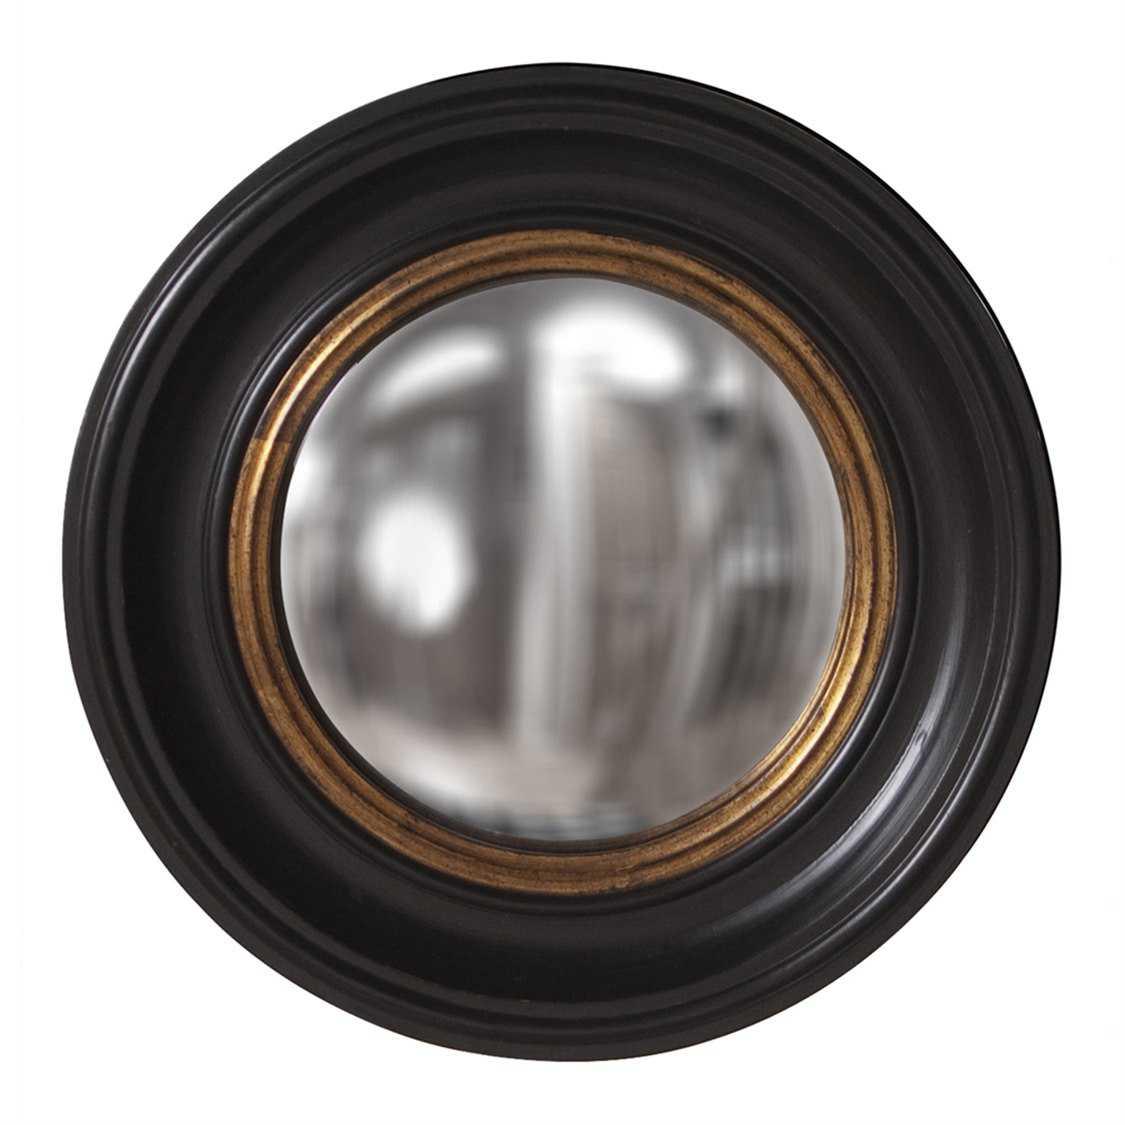 Howard elliott albert 21 round black wall mirror 56010 for Round black wall mirror